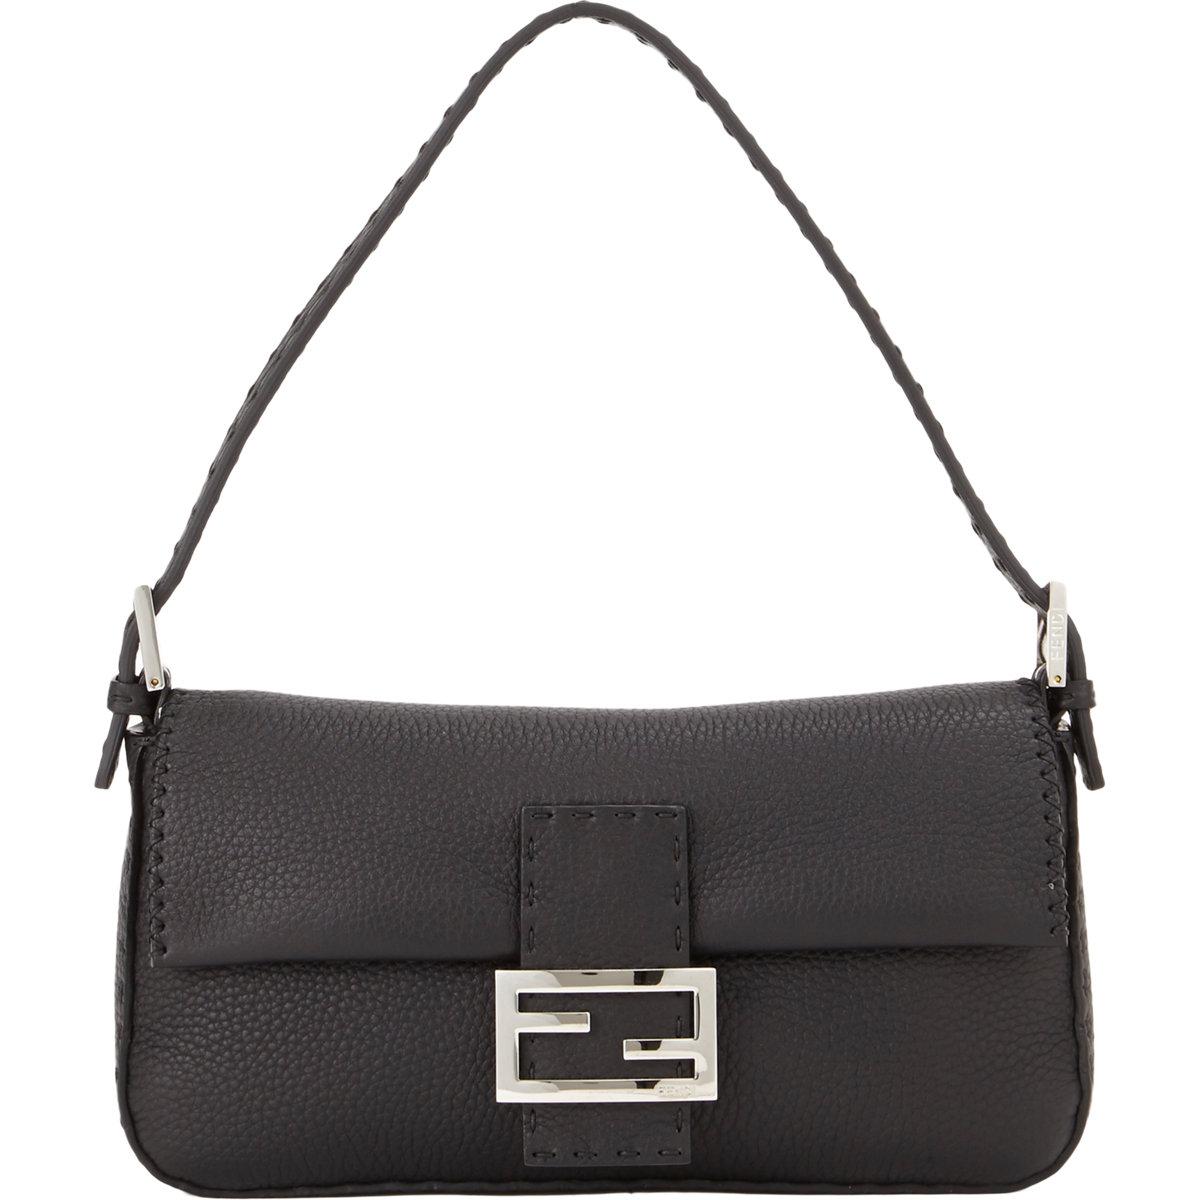 61cdf49a08ef ... hot lyst fendi selleria baguette bag in black ae18e b3aa3 ...